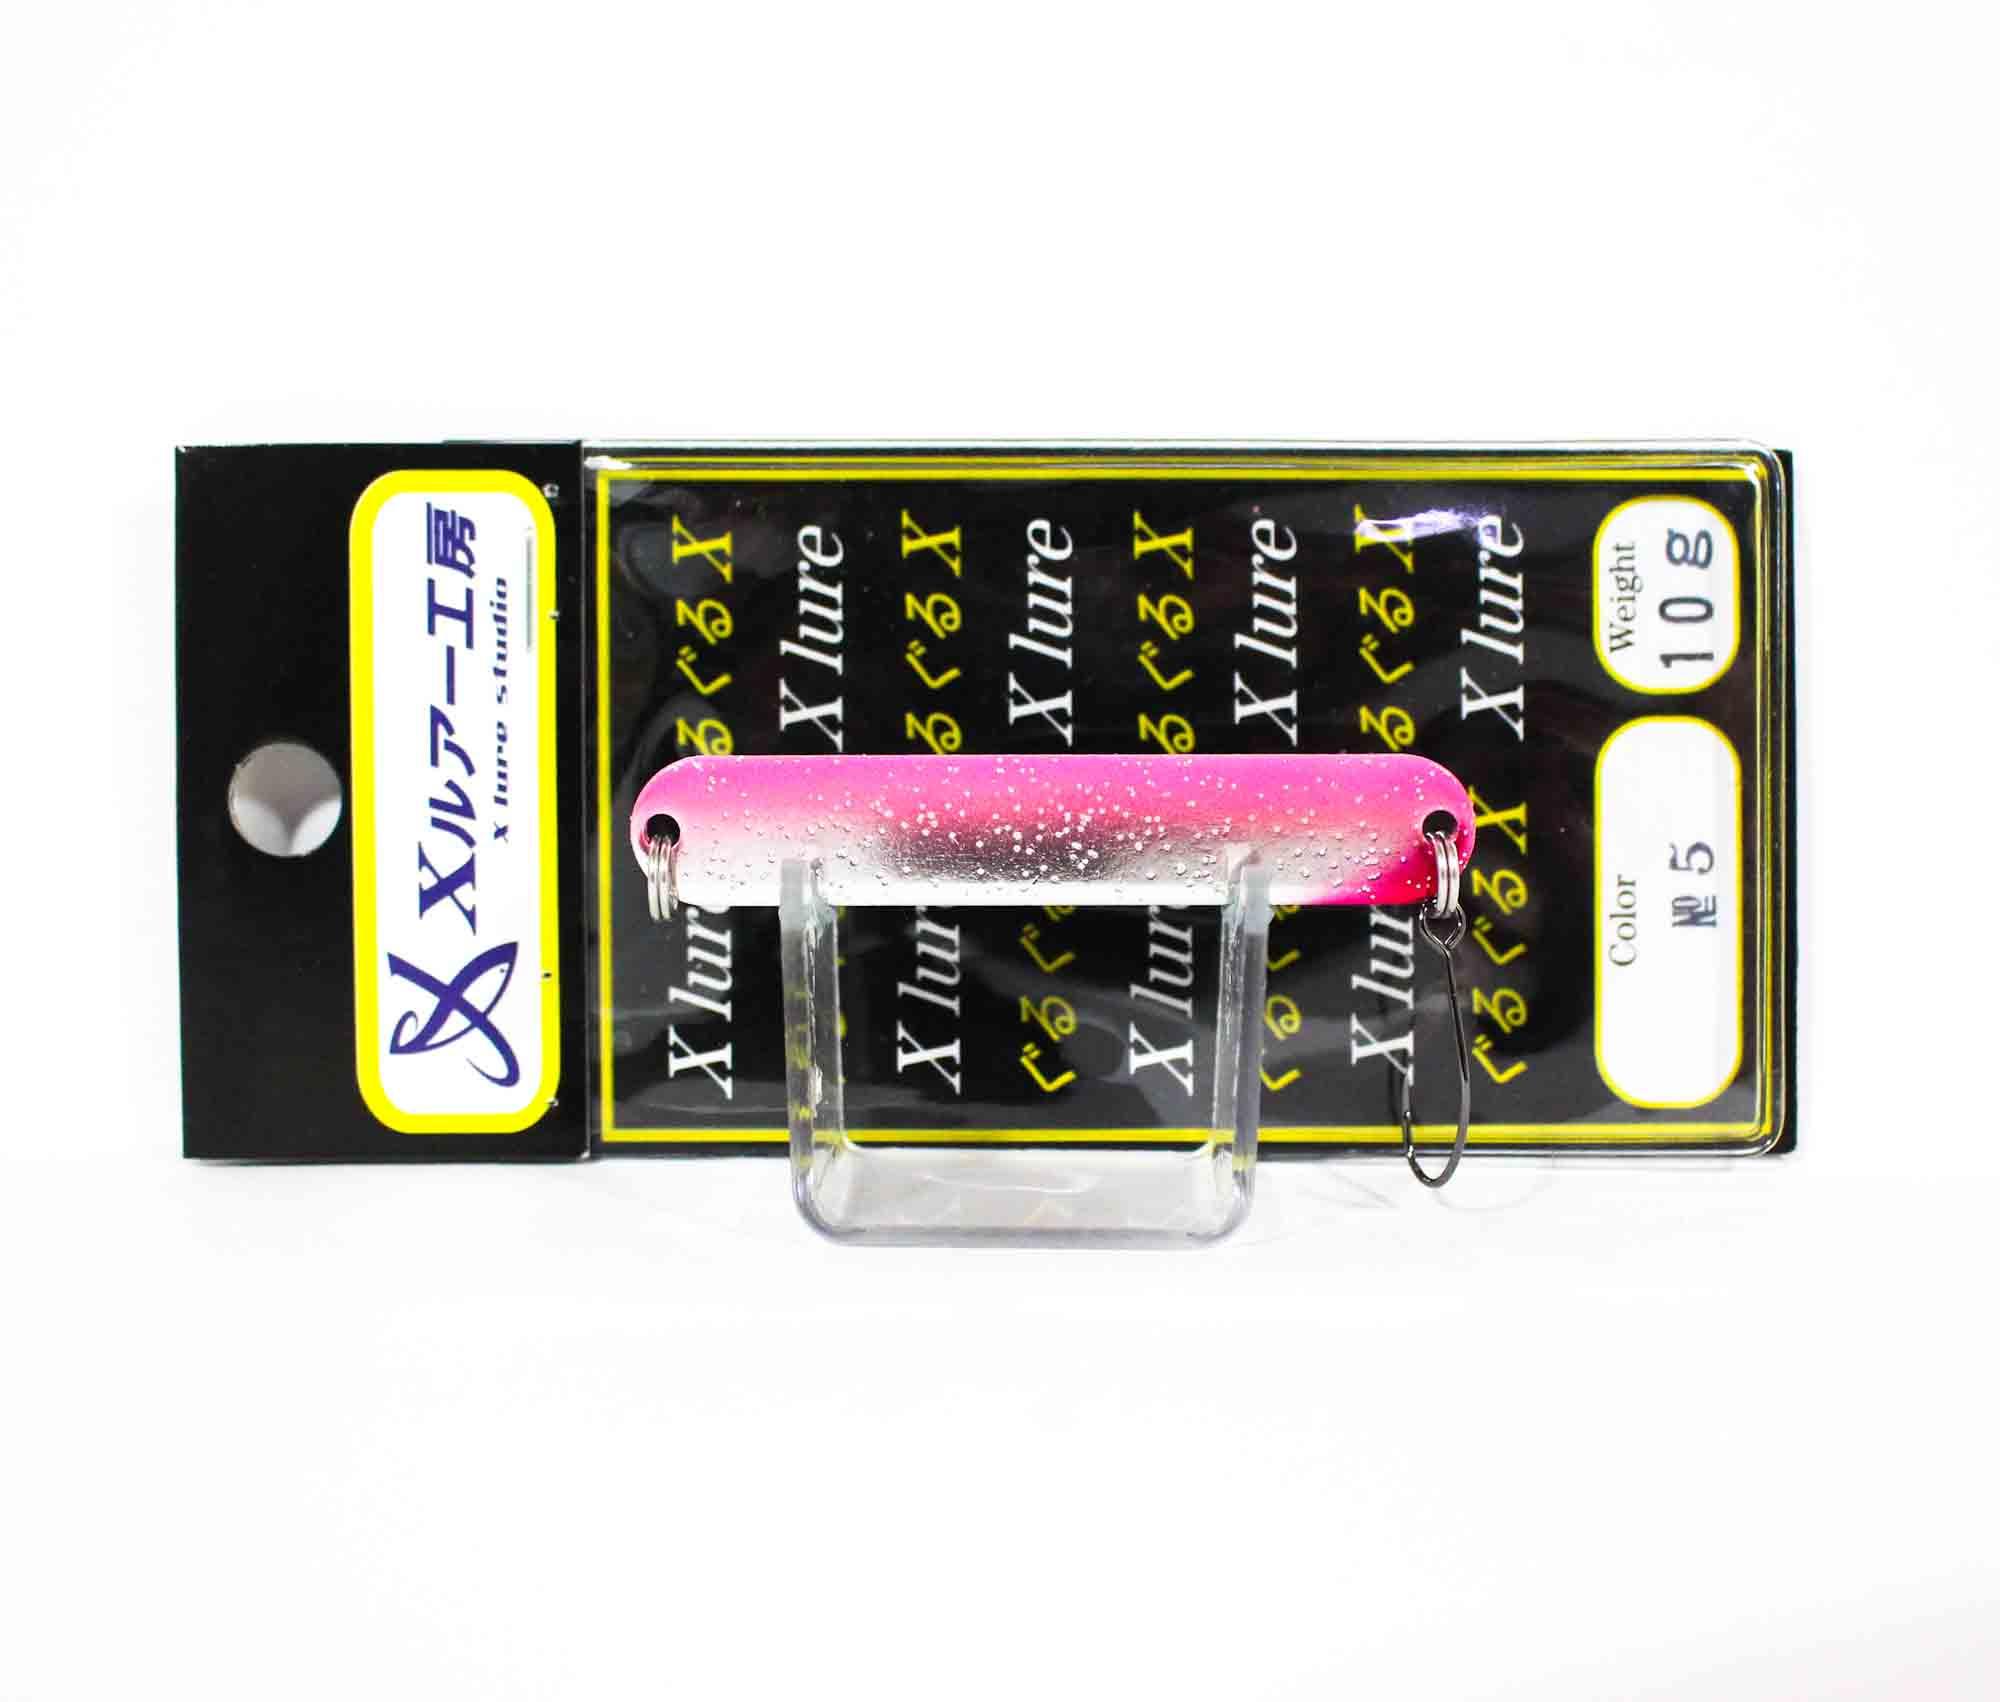 Guru Guru X Lure Trout Spoon 10 grams 57 mm No5.S (6172)